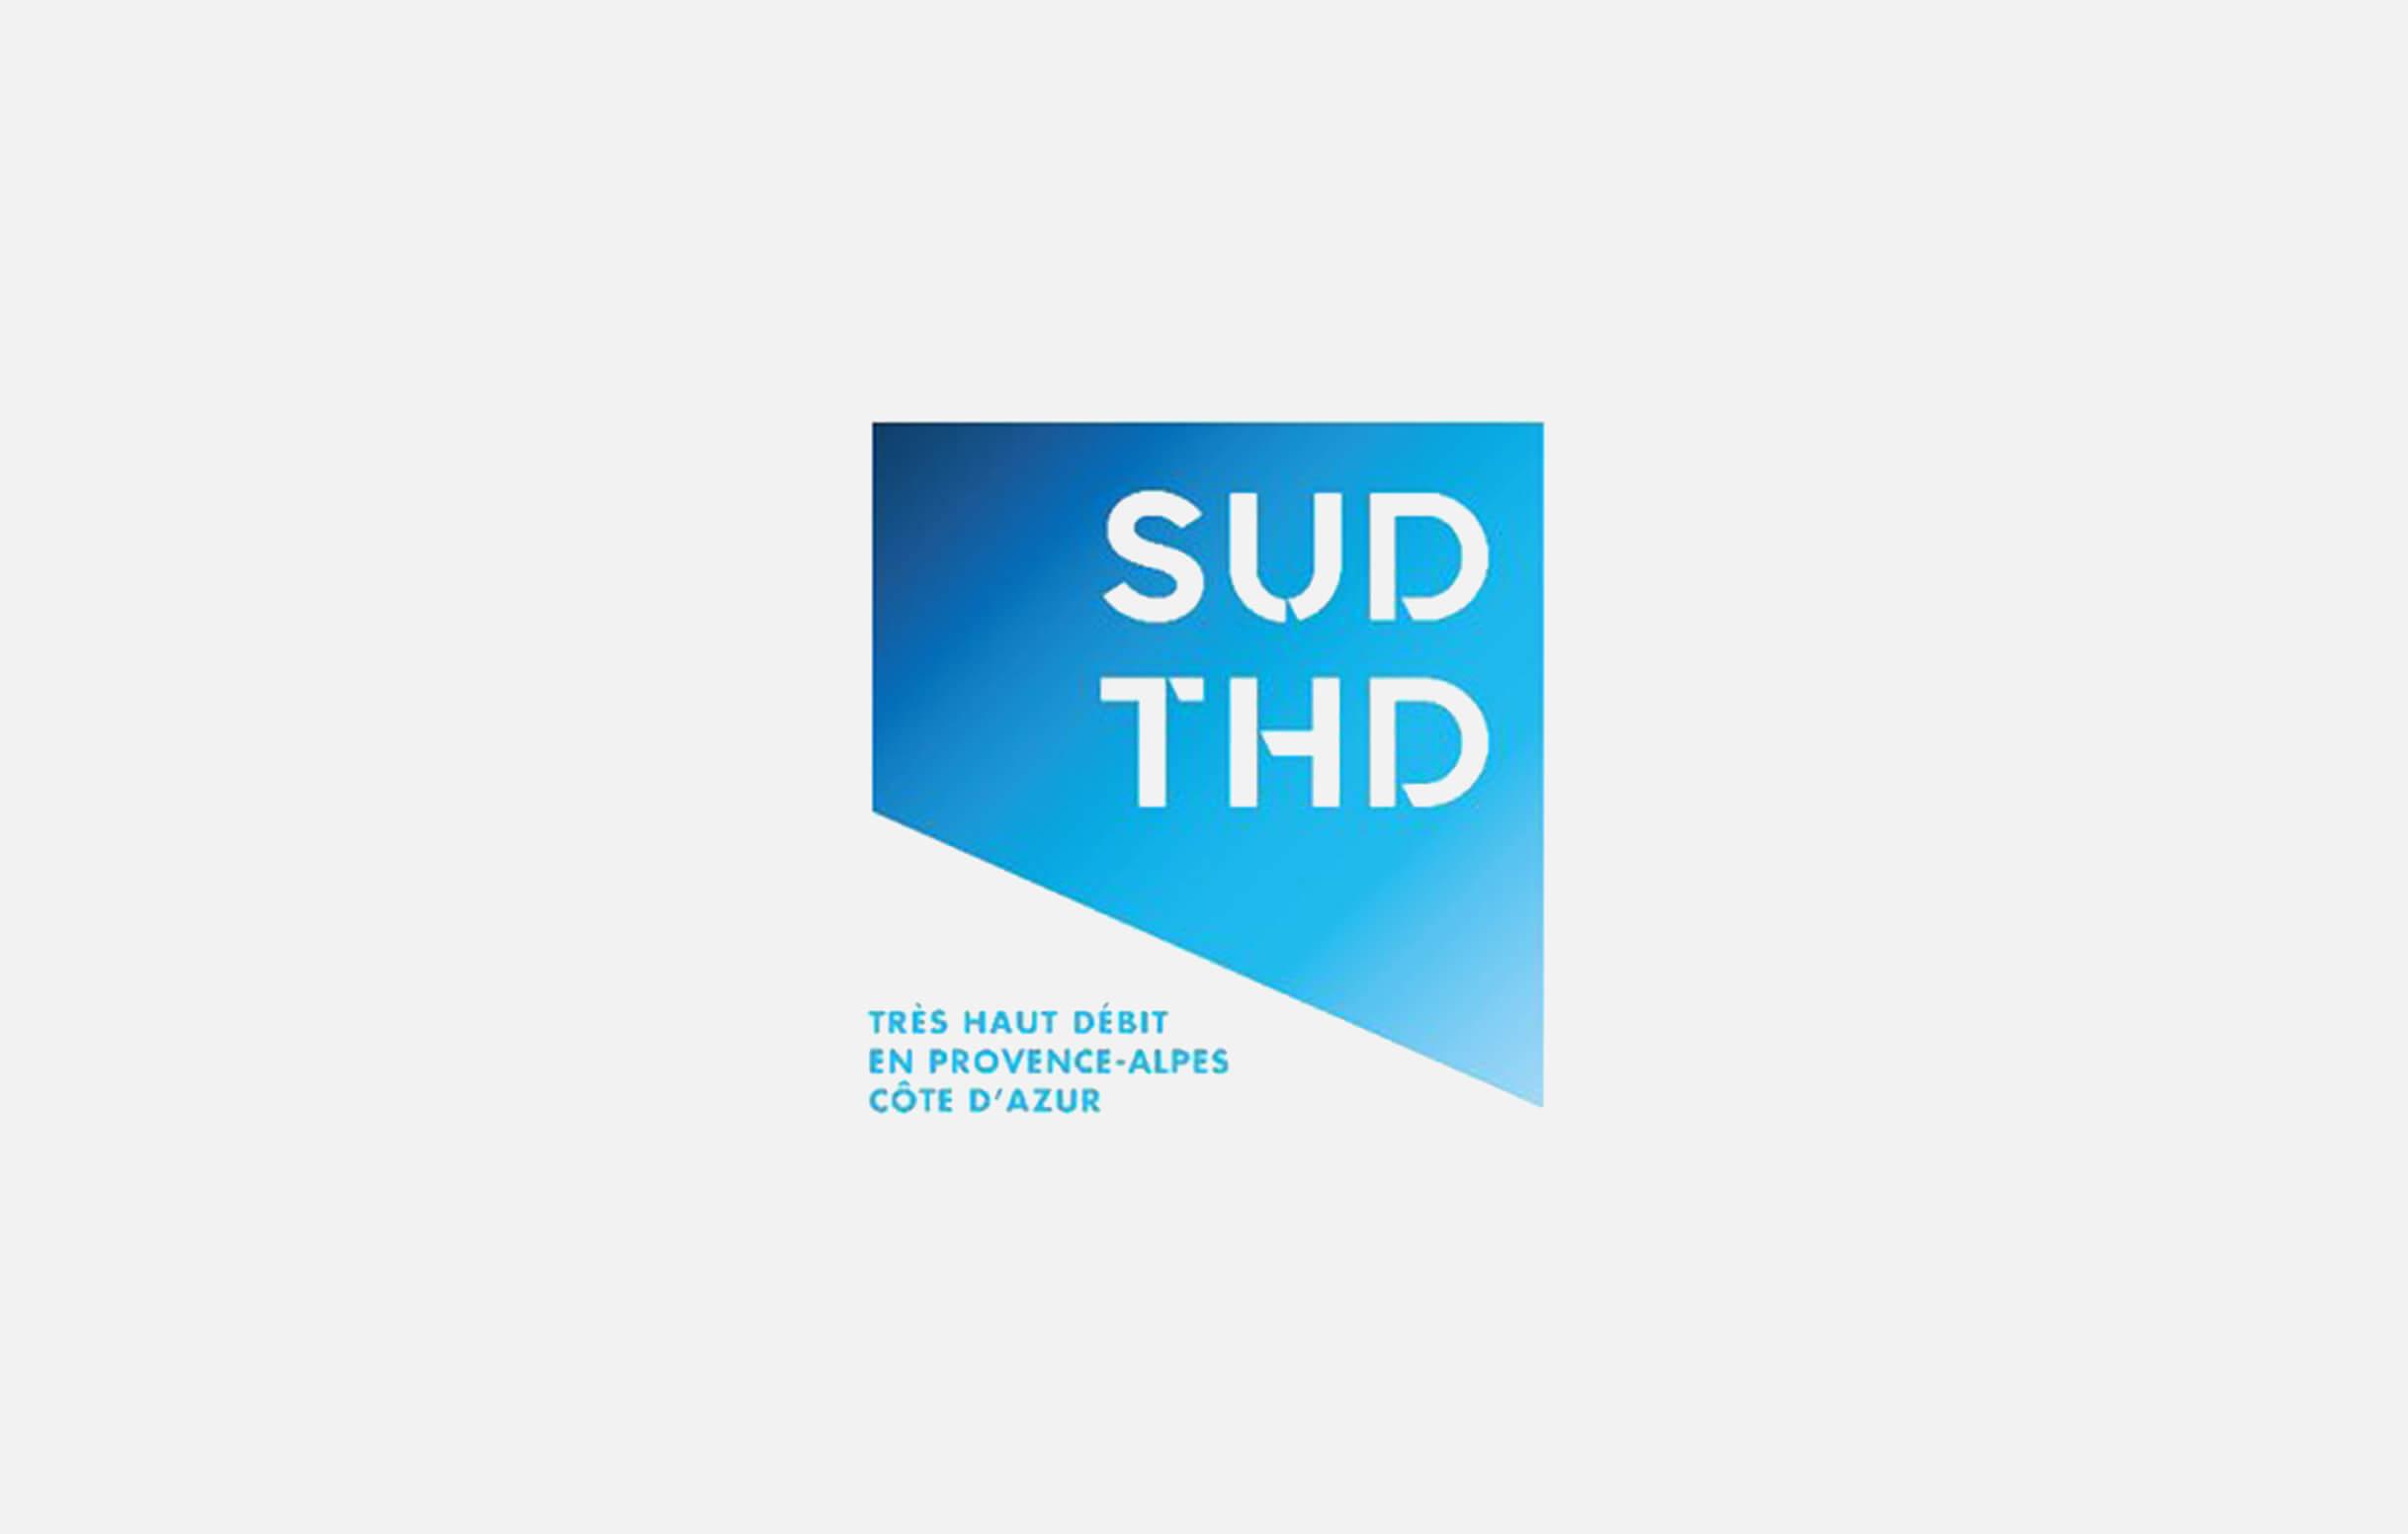 sud-thd